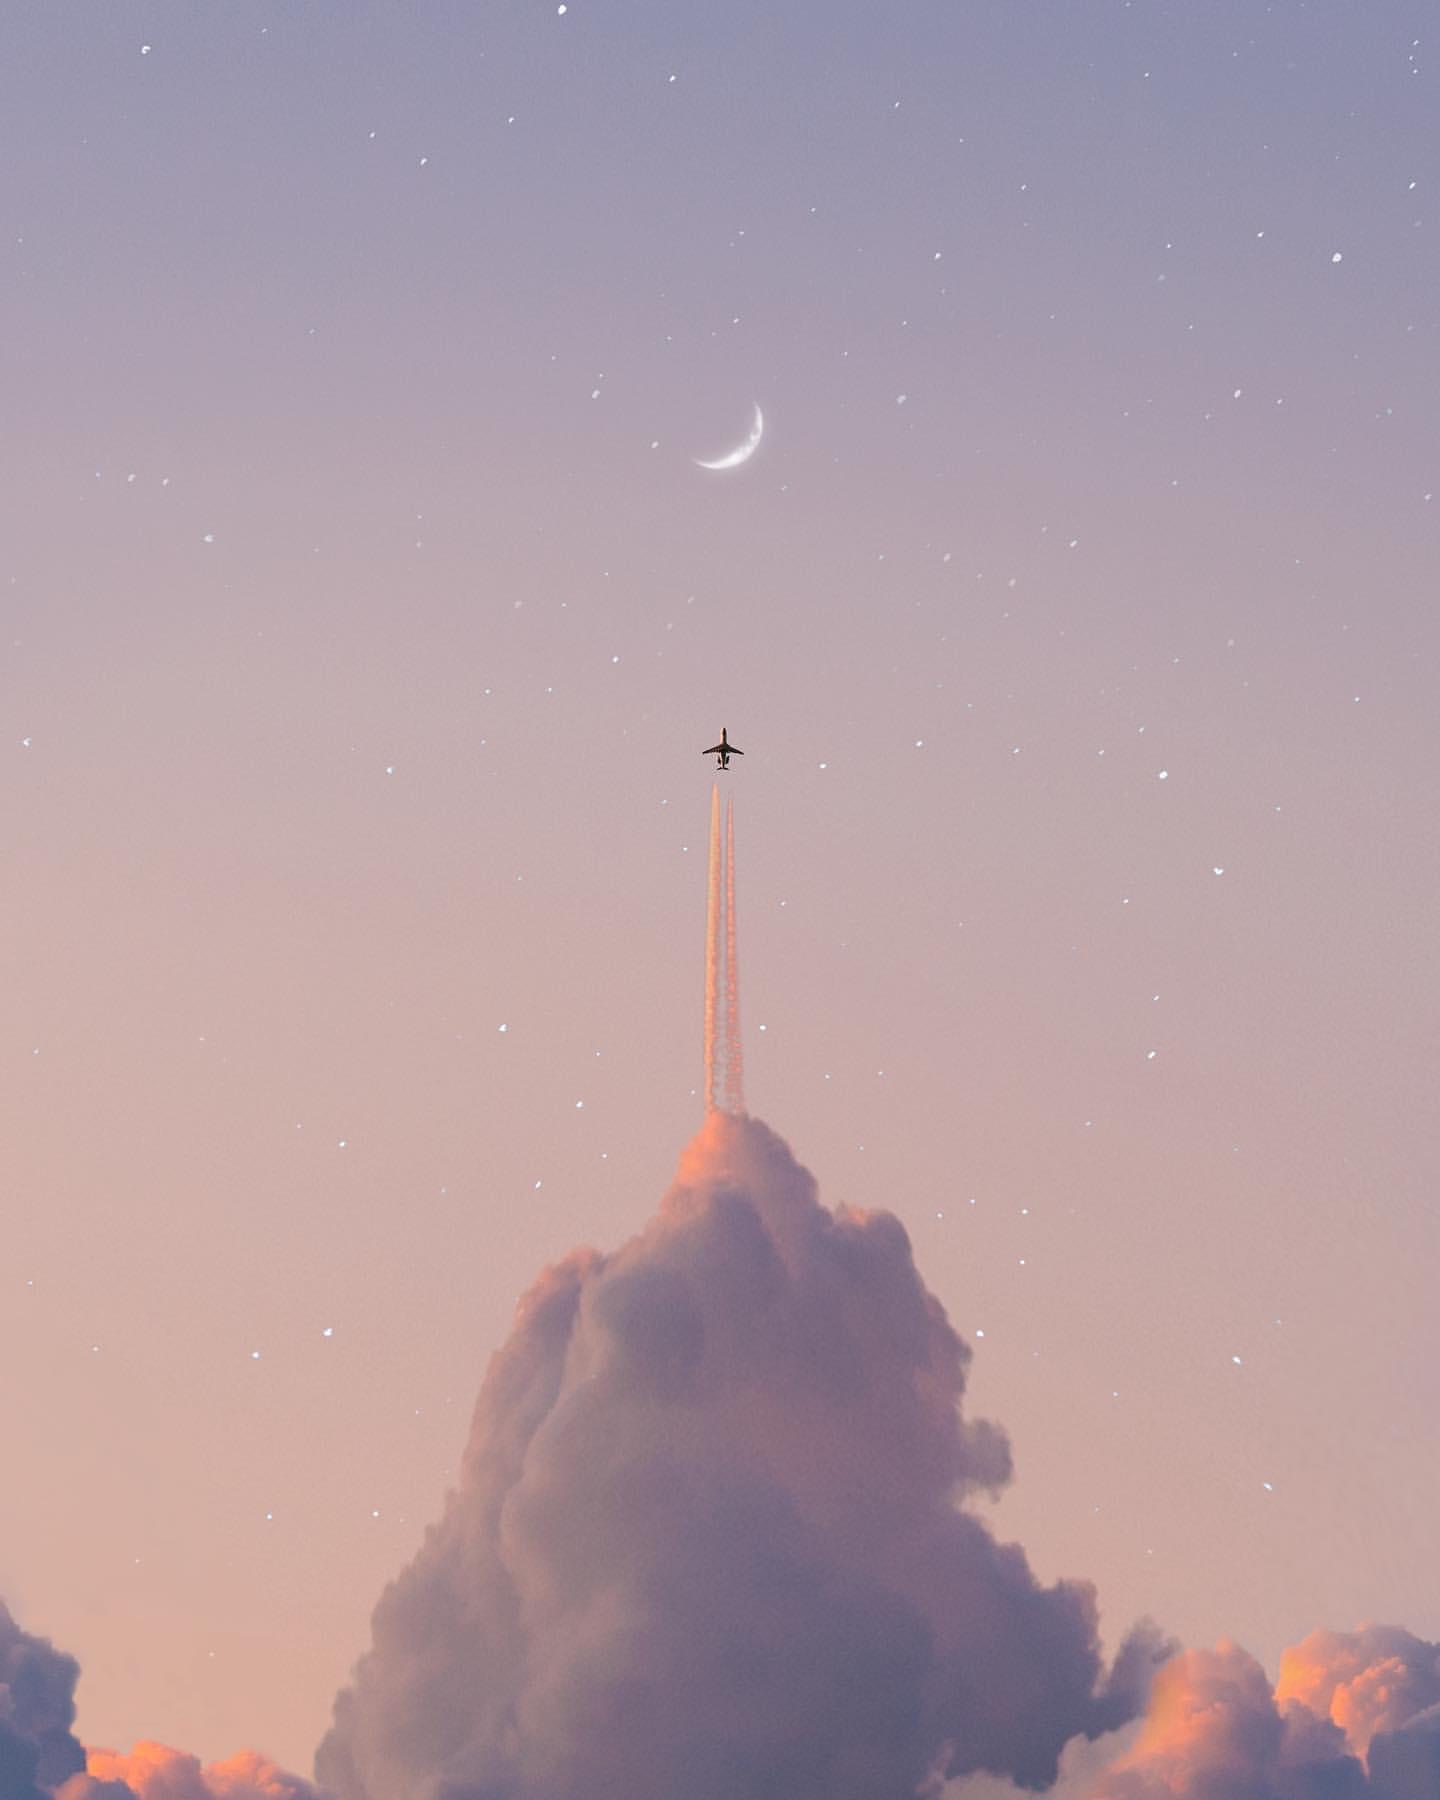 Gökyüzü Sahnesinde Renkli Bulutlar